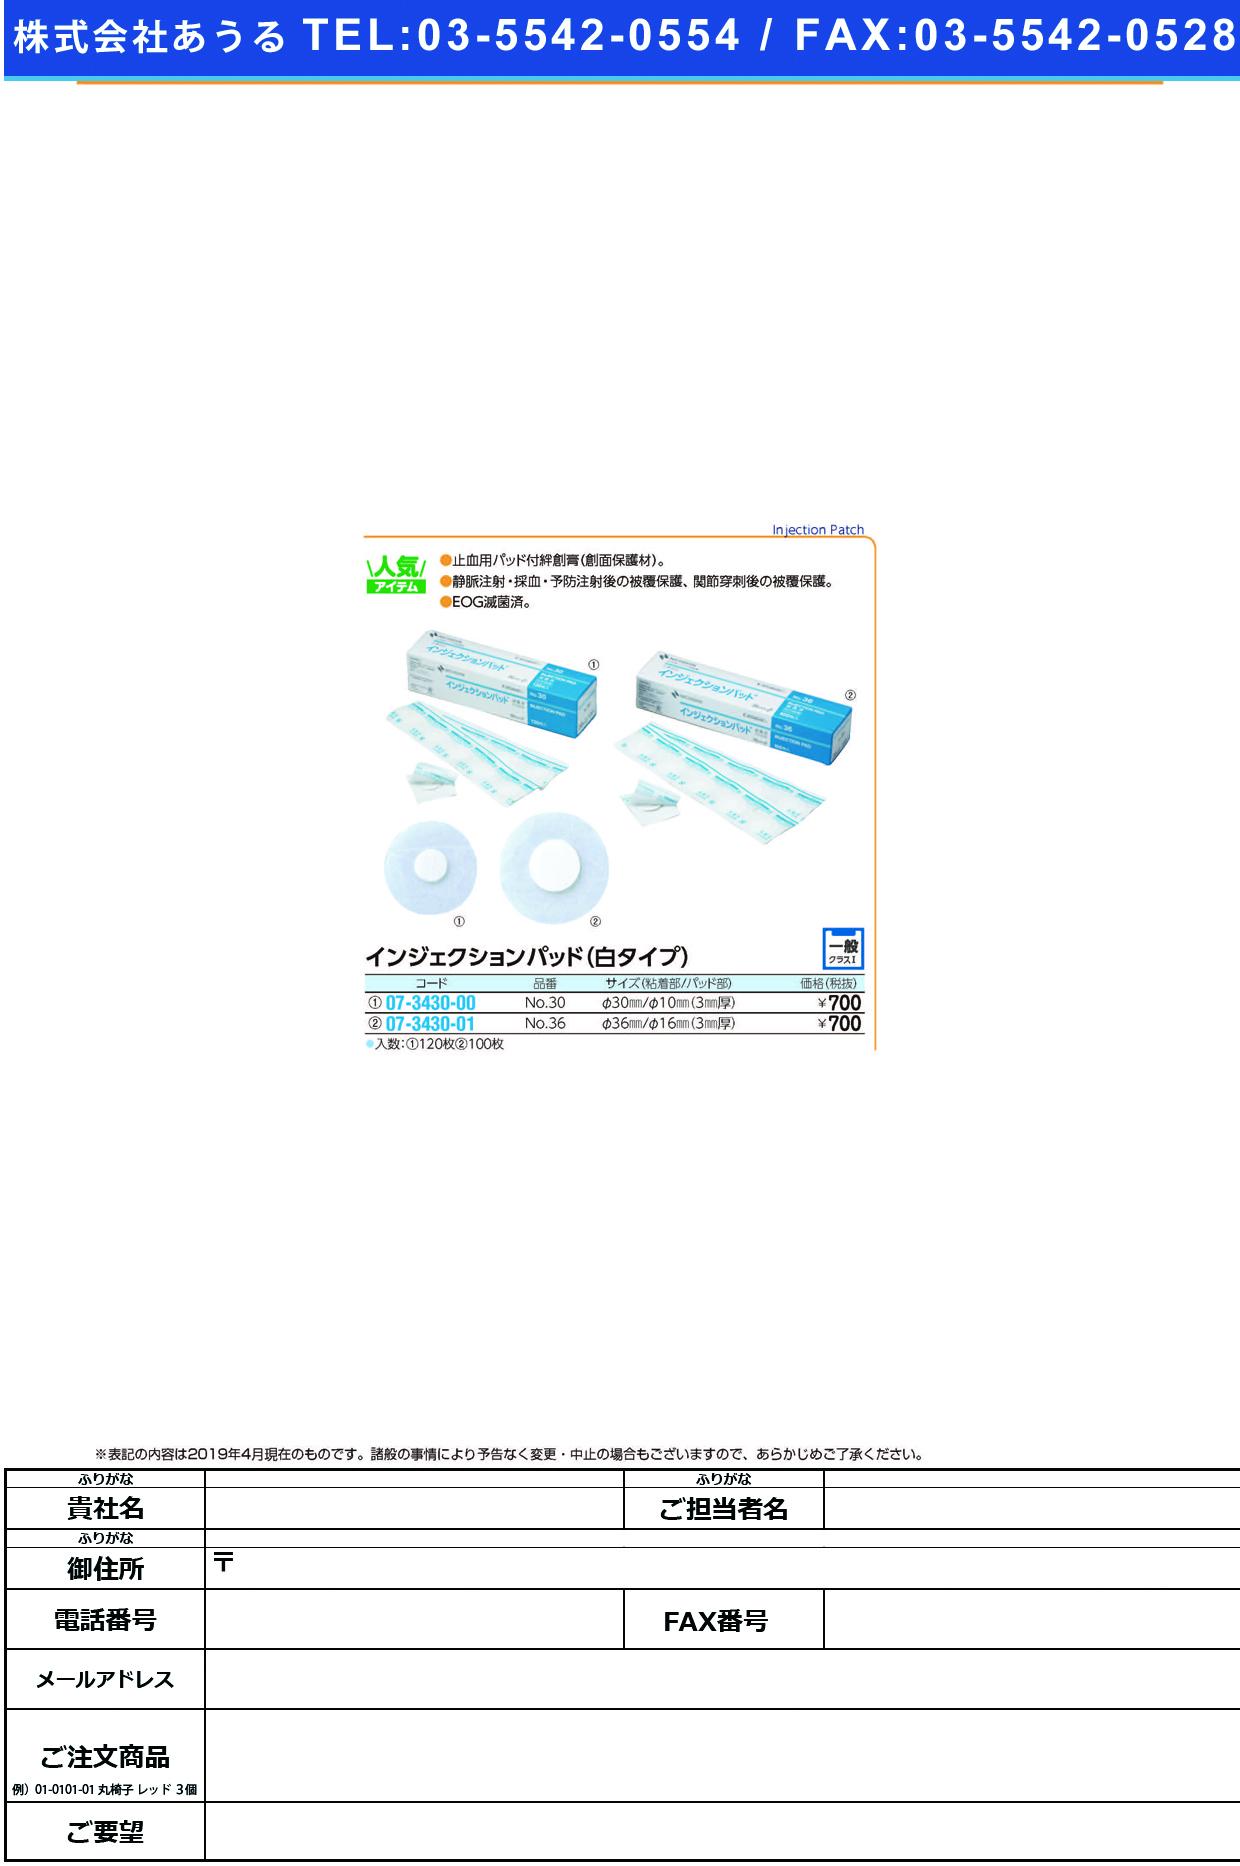 (07-3430-00)インジェクションパッドNo.30 IJP30(30MM)120マイ インジェクションパッド(ニチバン)【1箱単位】【2019年カタログ商品】